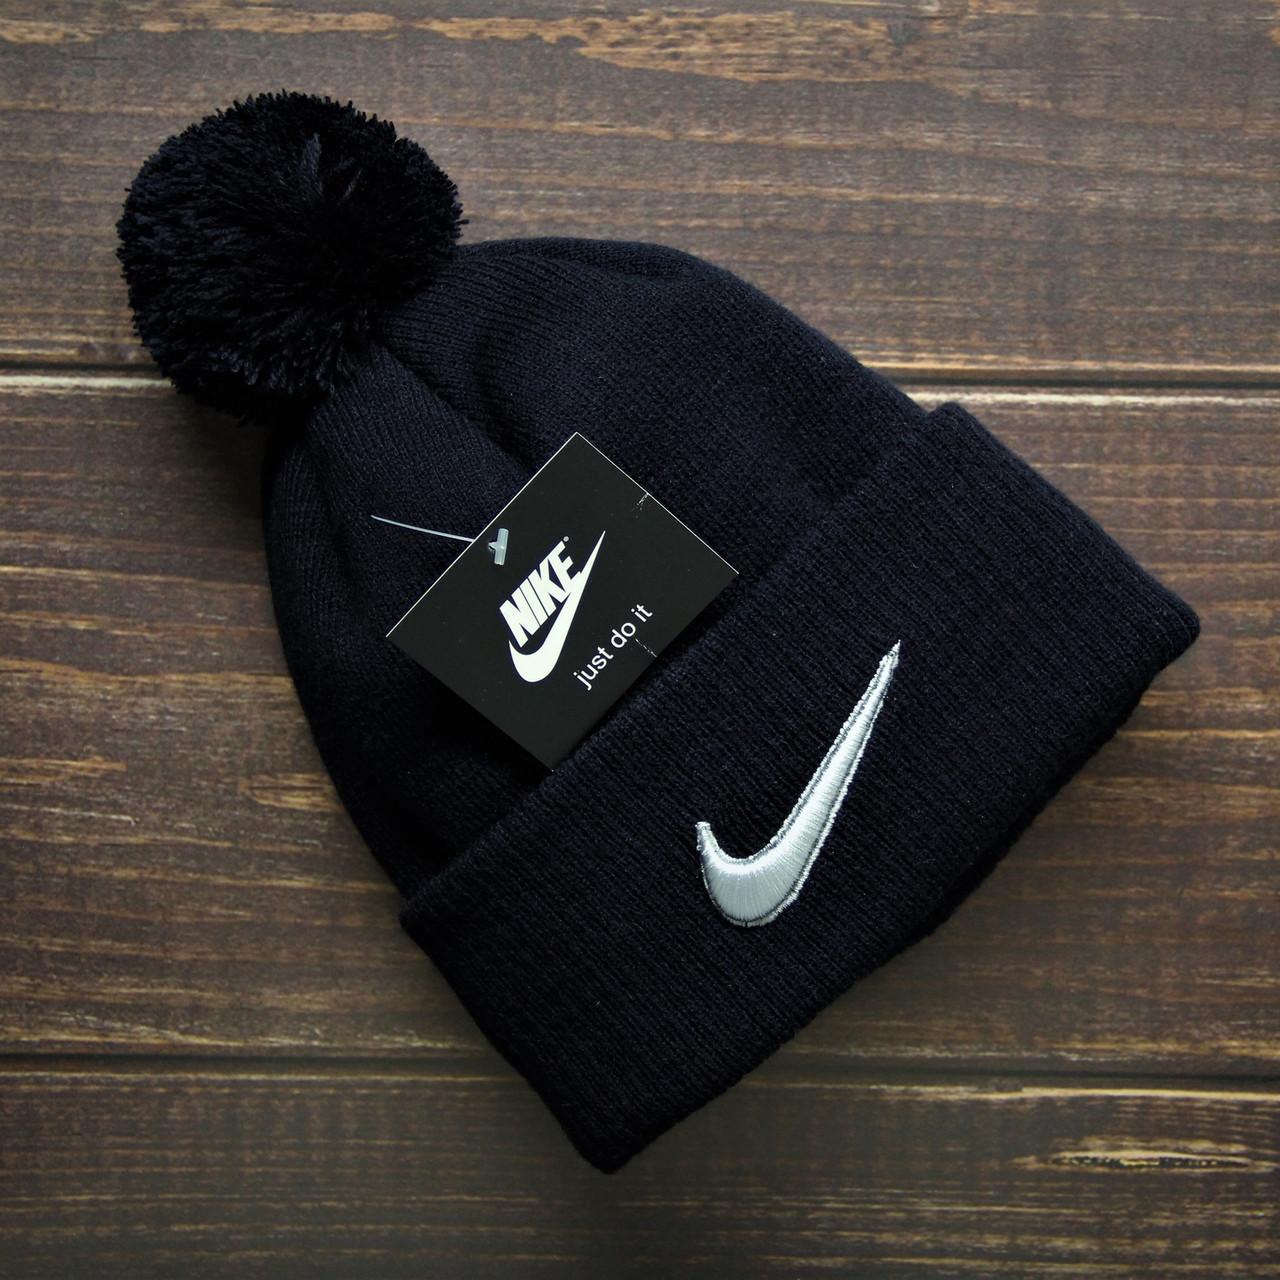 Шапка мужская\женская - (флисовая подкладка) в стиле Nike тёмно-синий